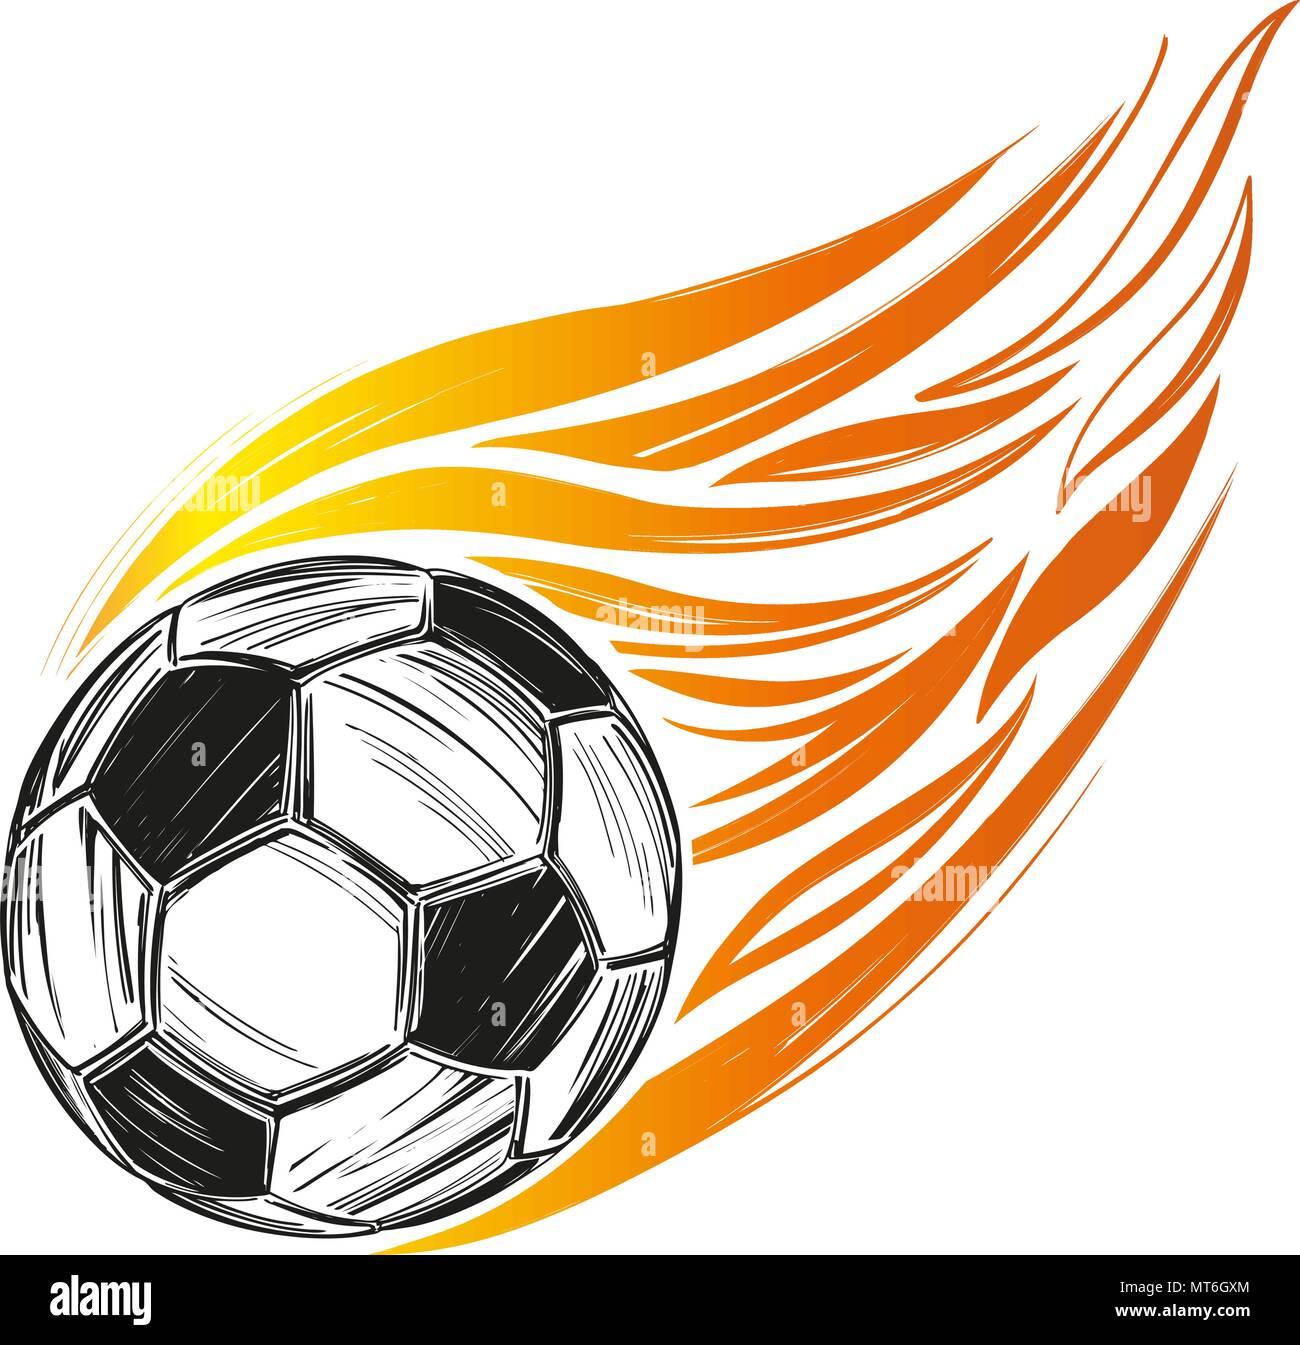 Fussball Fussball Flamme Sport Spiel Emblem Zeichen Hand